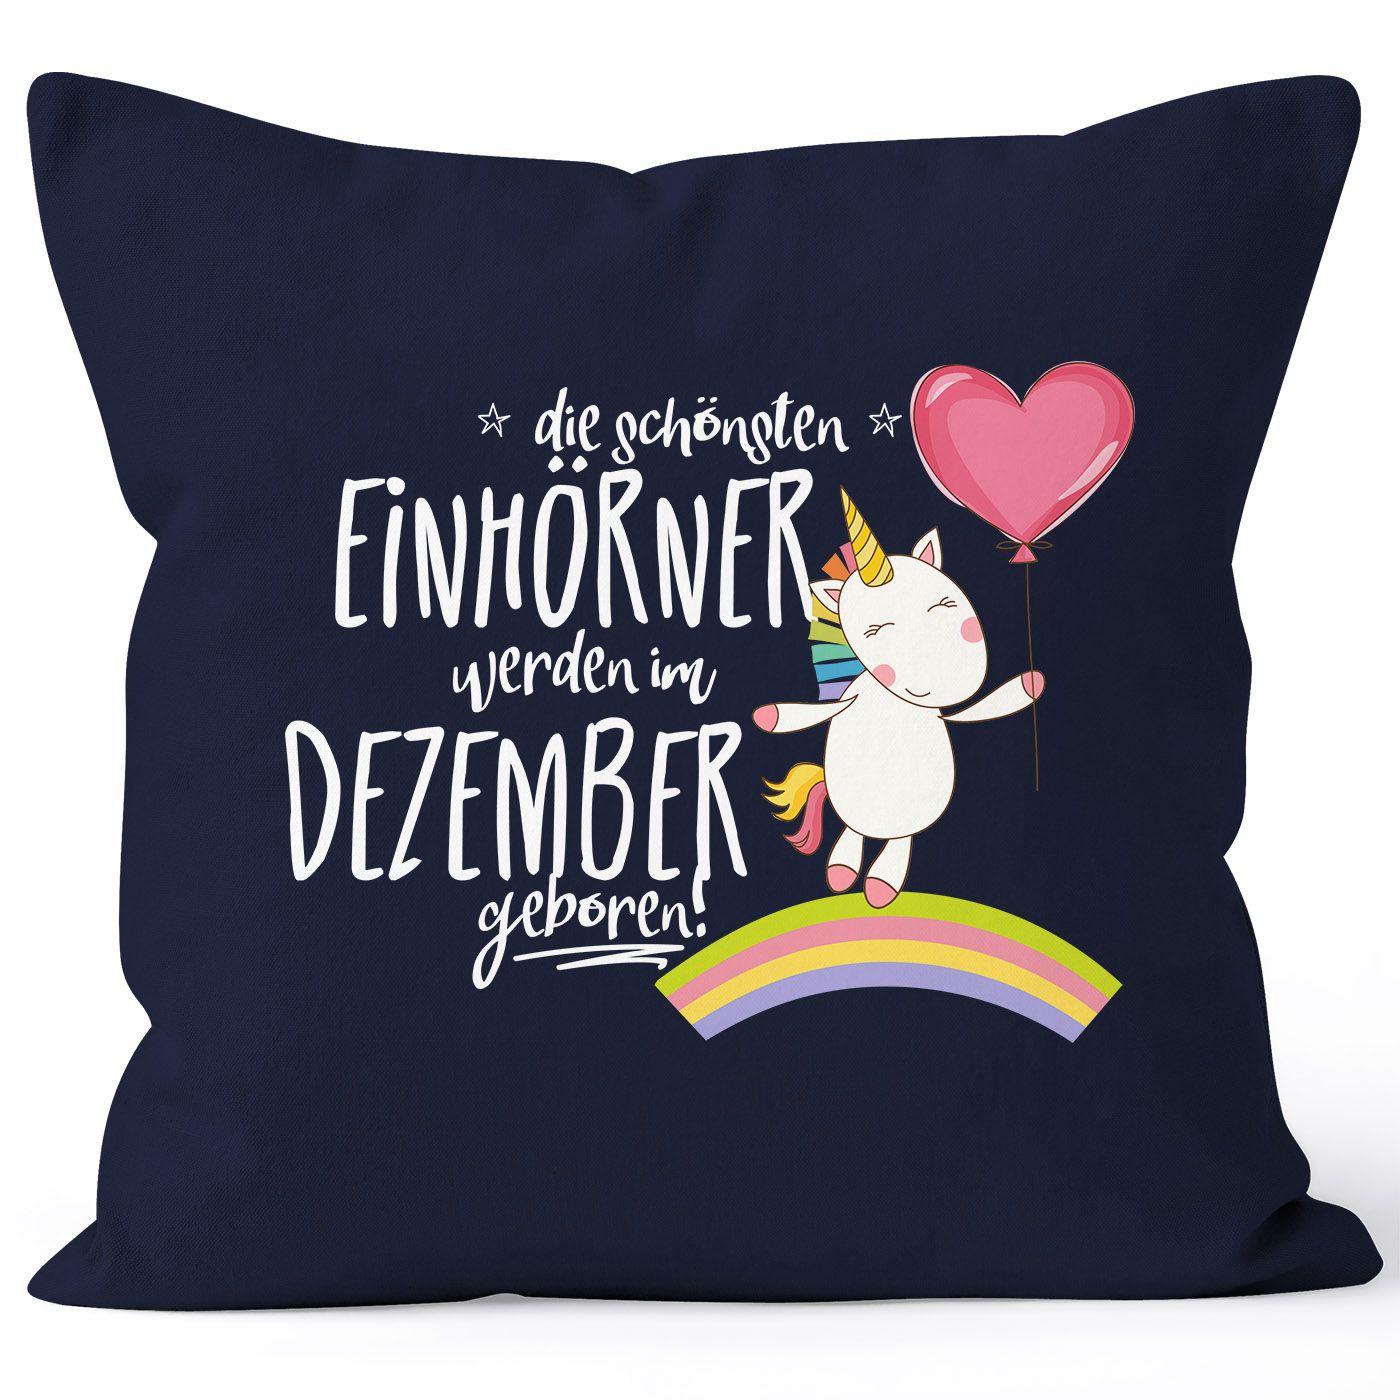 Kissenbezug die schönsten Einhörner werden im Dezember geboren Kissen-Hülle Deko-Kissen 40x40  Baumwolle MoonWorks®